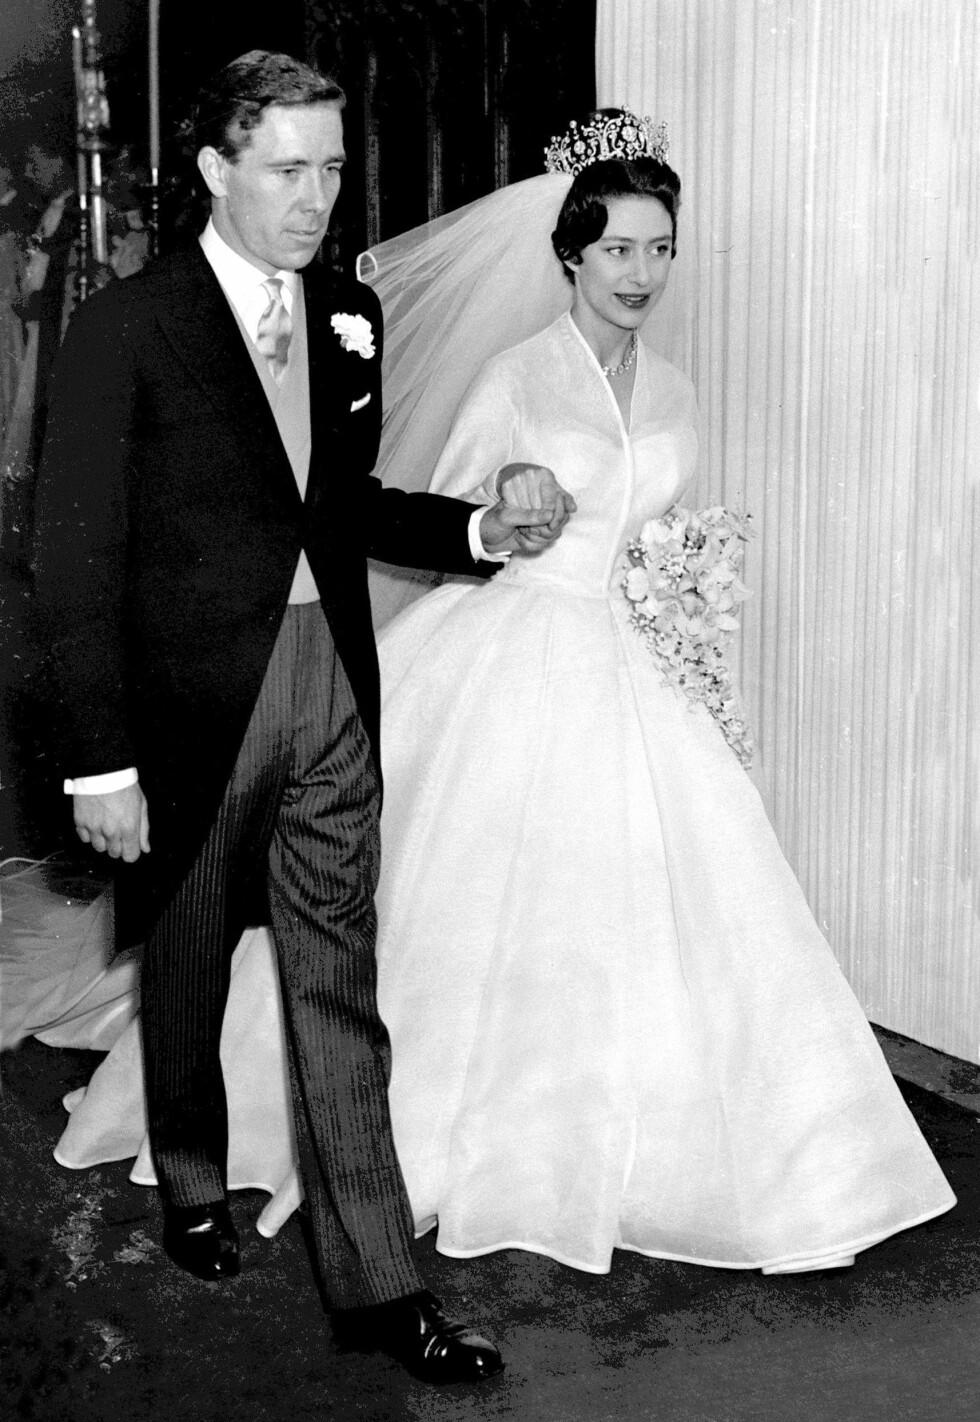 BRYLLUP: Den 6. mai 1960 sto bryllupet mellom prinsesse Margaret og Antony Armstrong-Jones i Westminster Abbey. Foto: NTB Scanpix